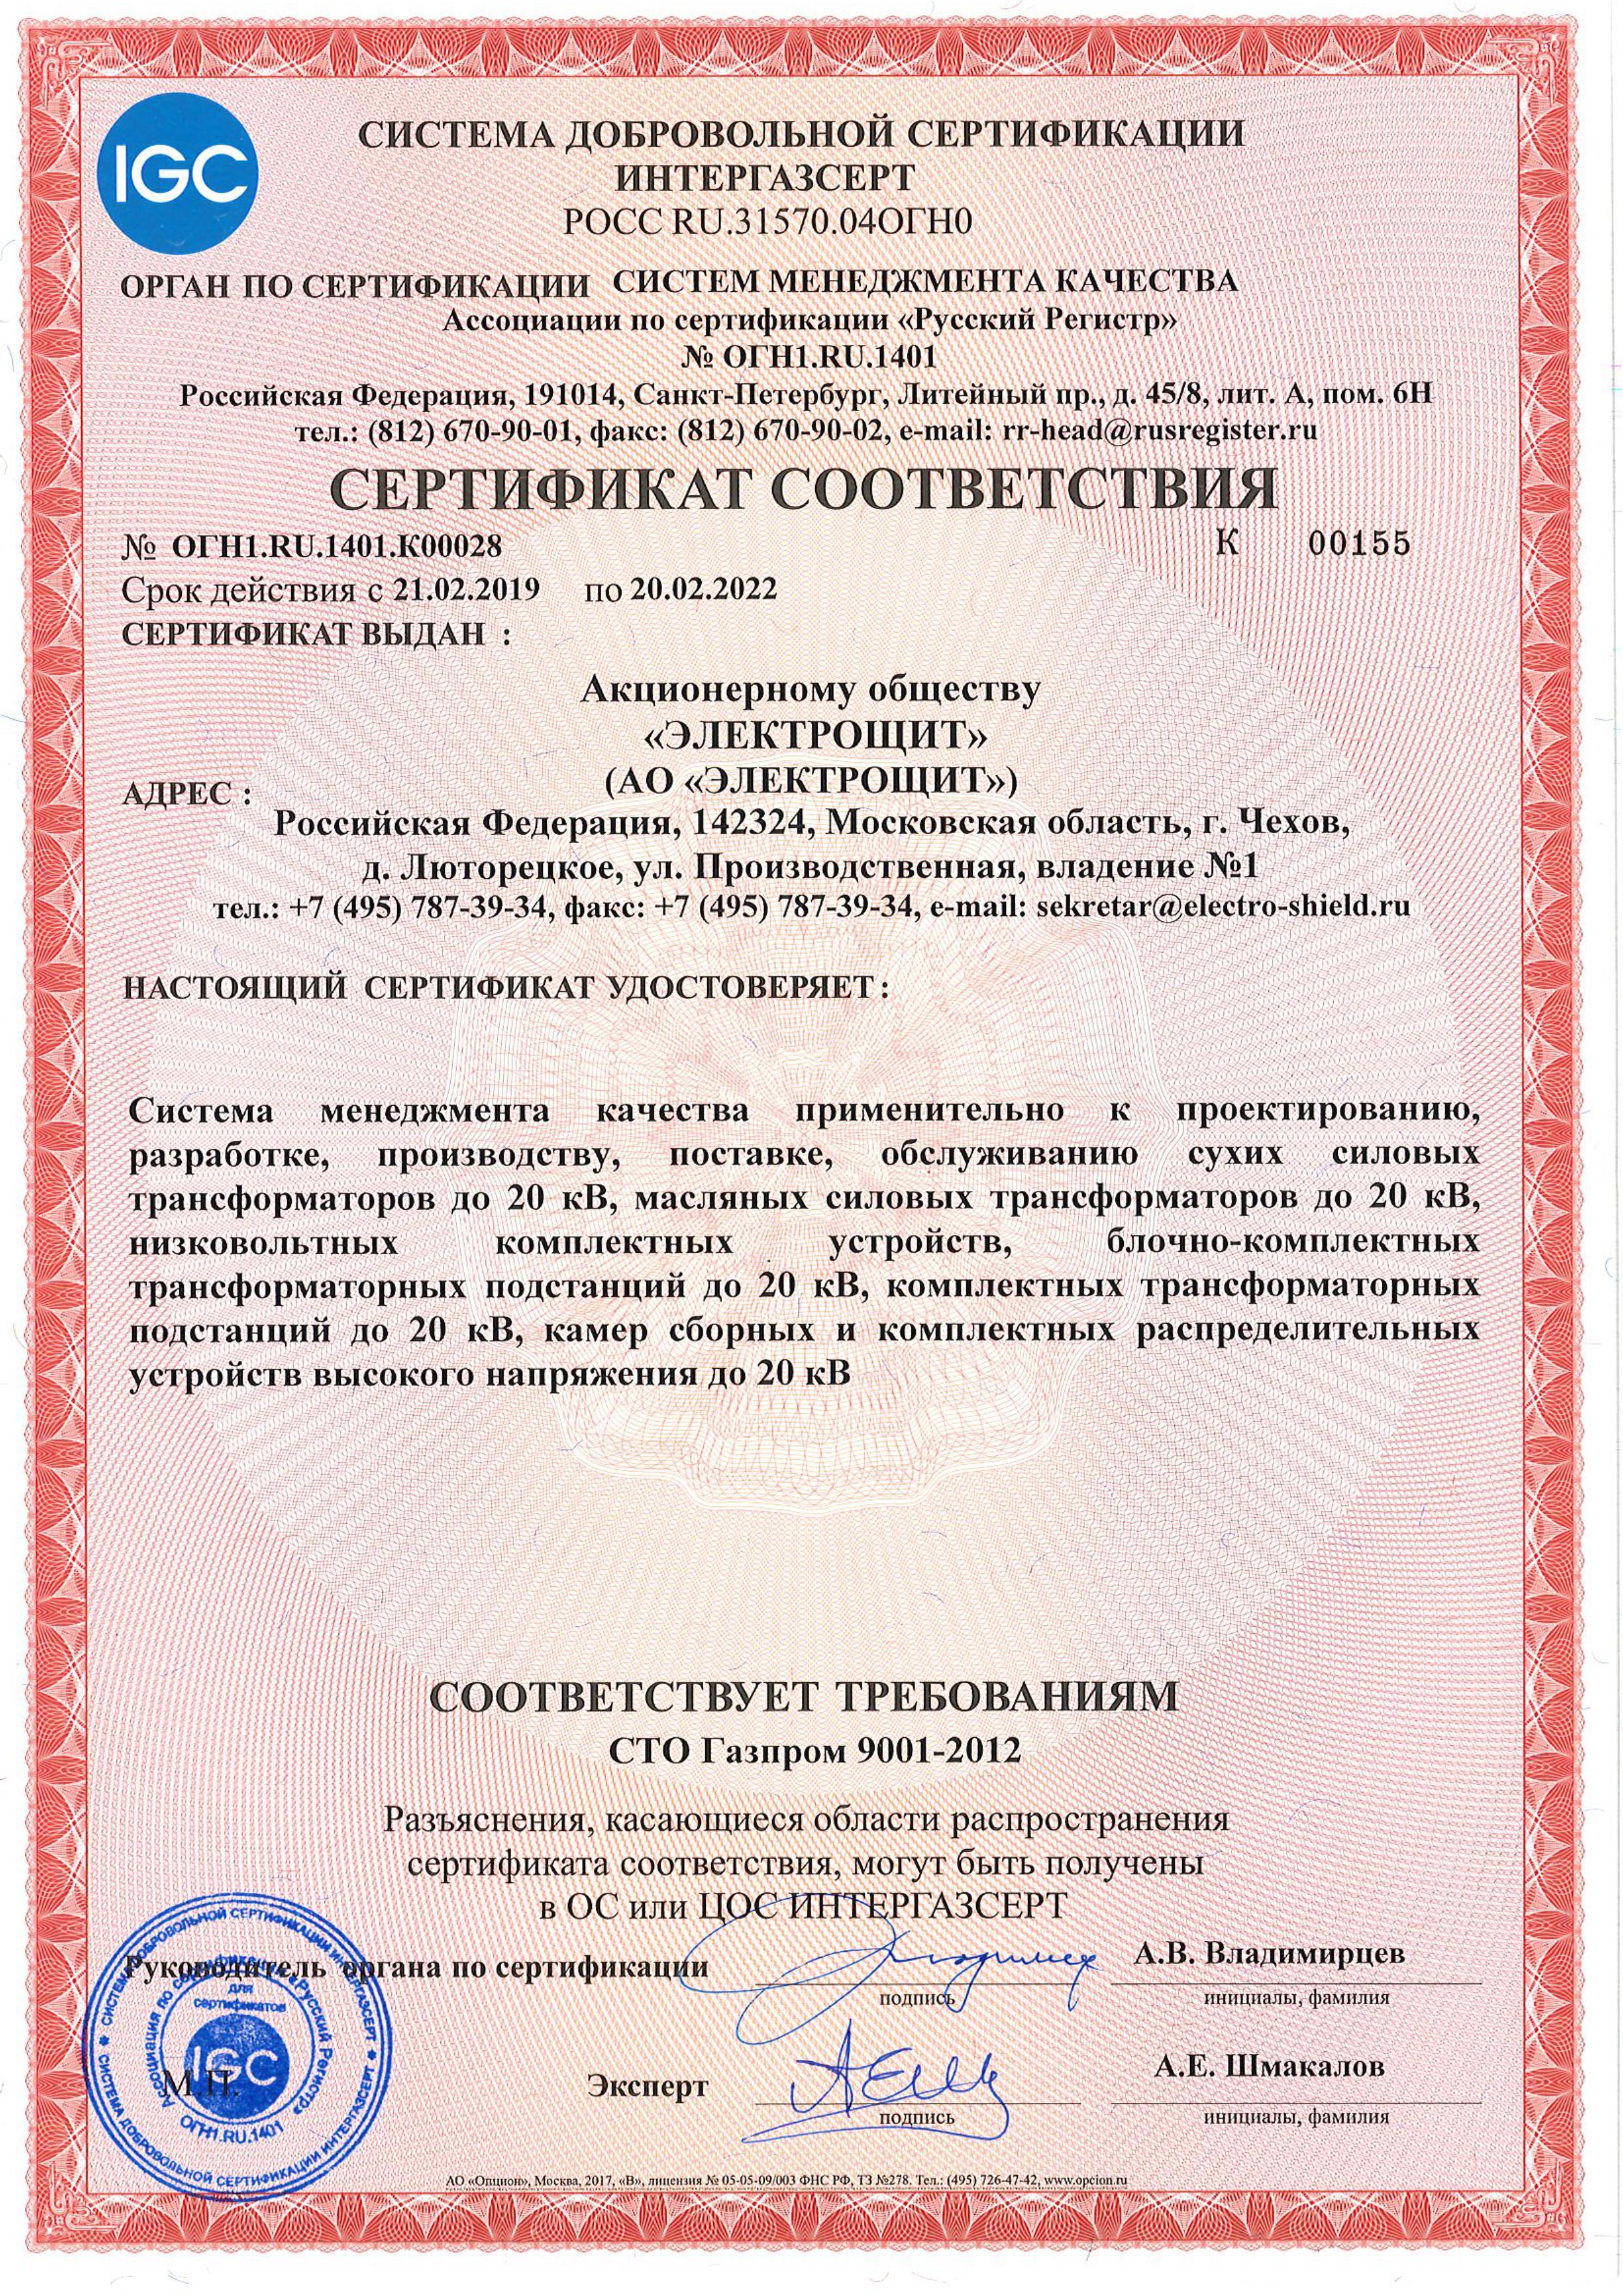 Сертификат ИНТЕРГАЗСЕРТ